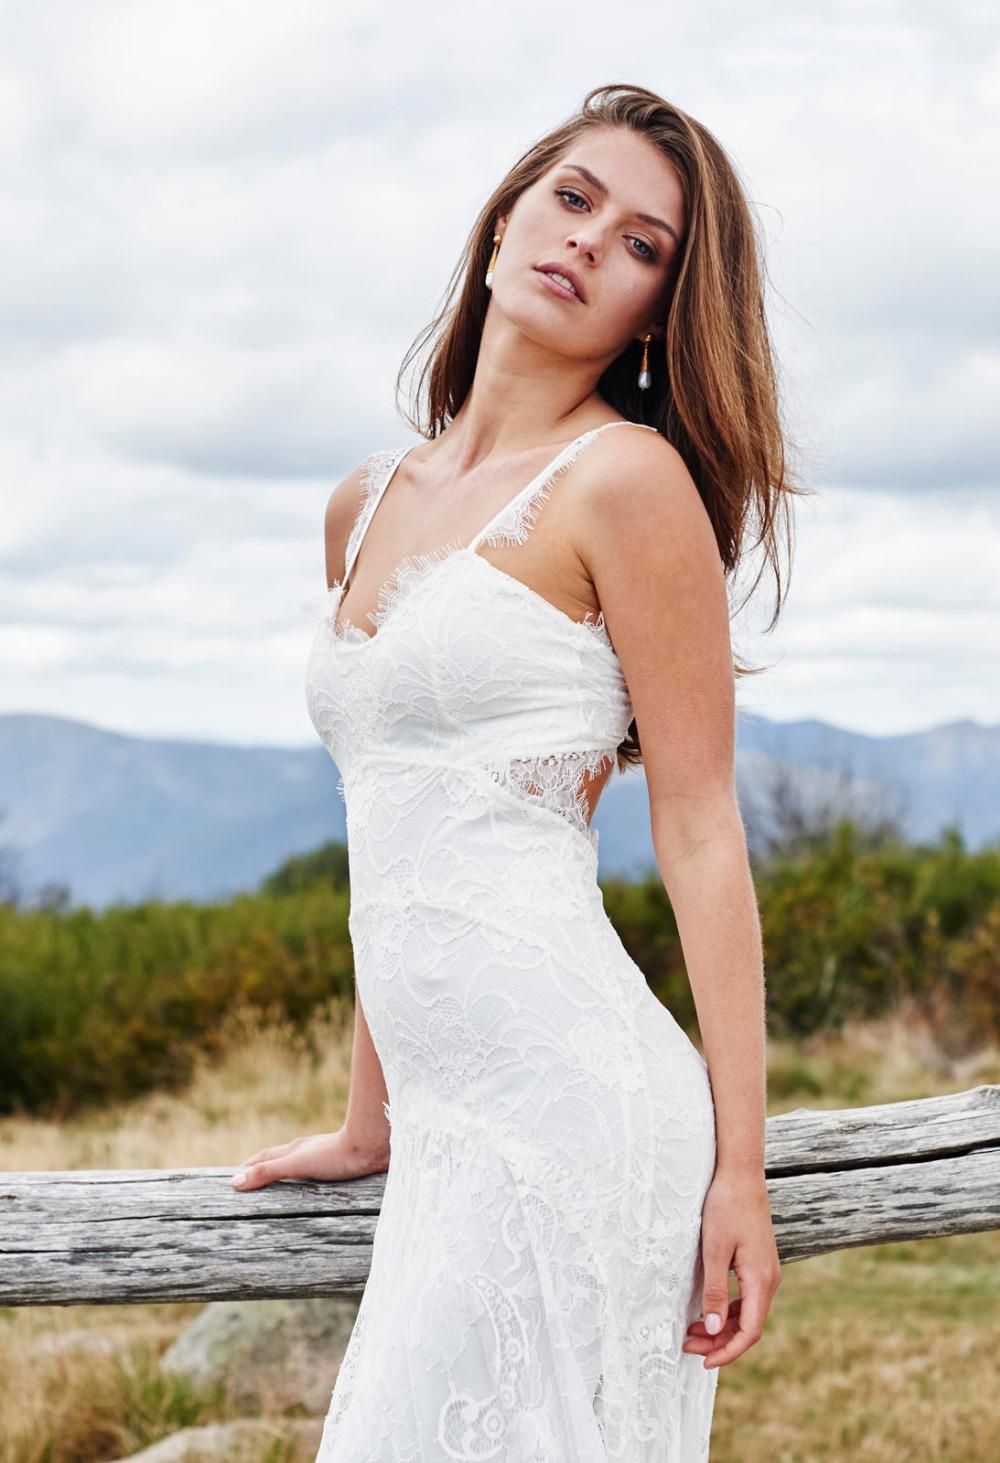 Bridal Petticoats Typen für Schöne Brautkleid Fits